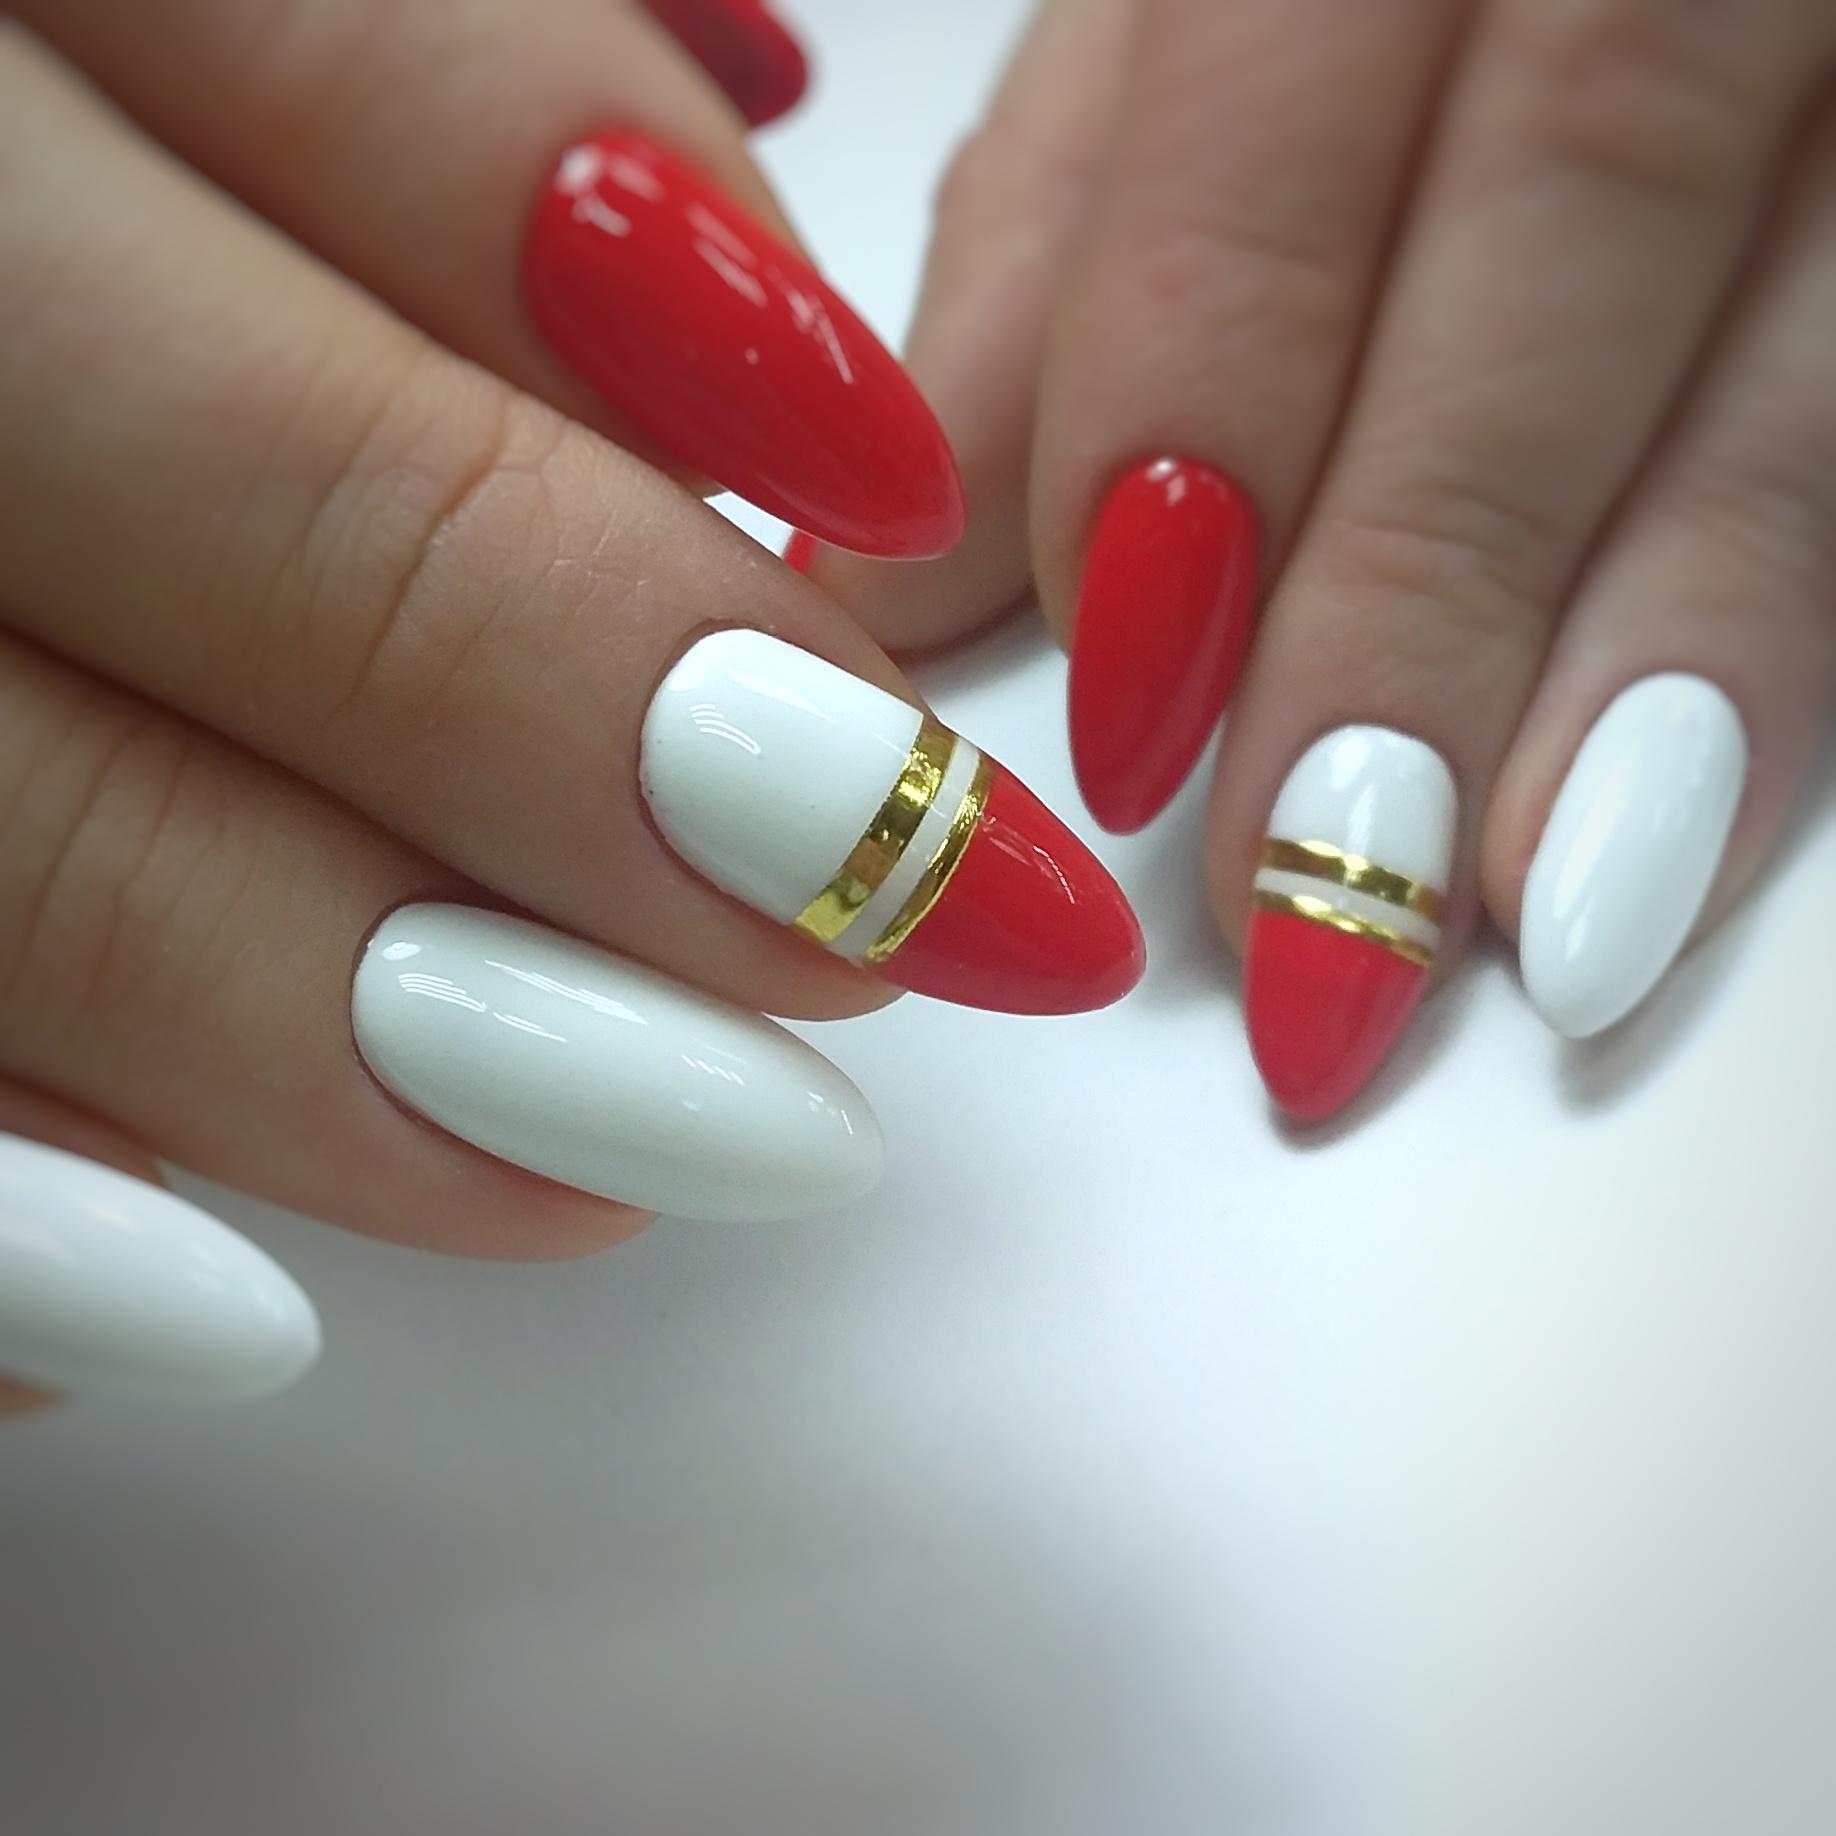 Маникюр в красном цвете с белым дизайном и золотыми полосками.